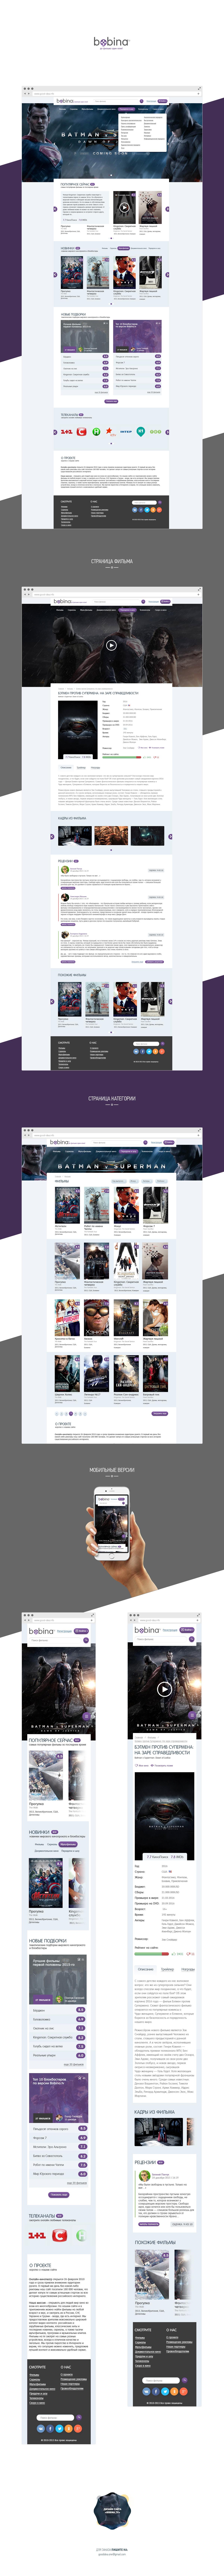 """Дизайн сайта """"Bobina.tv"""" 2016 год"""